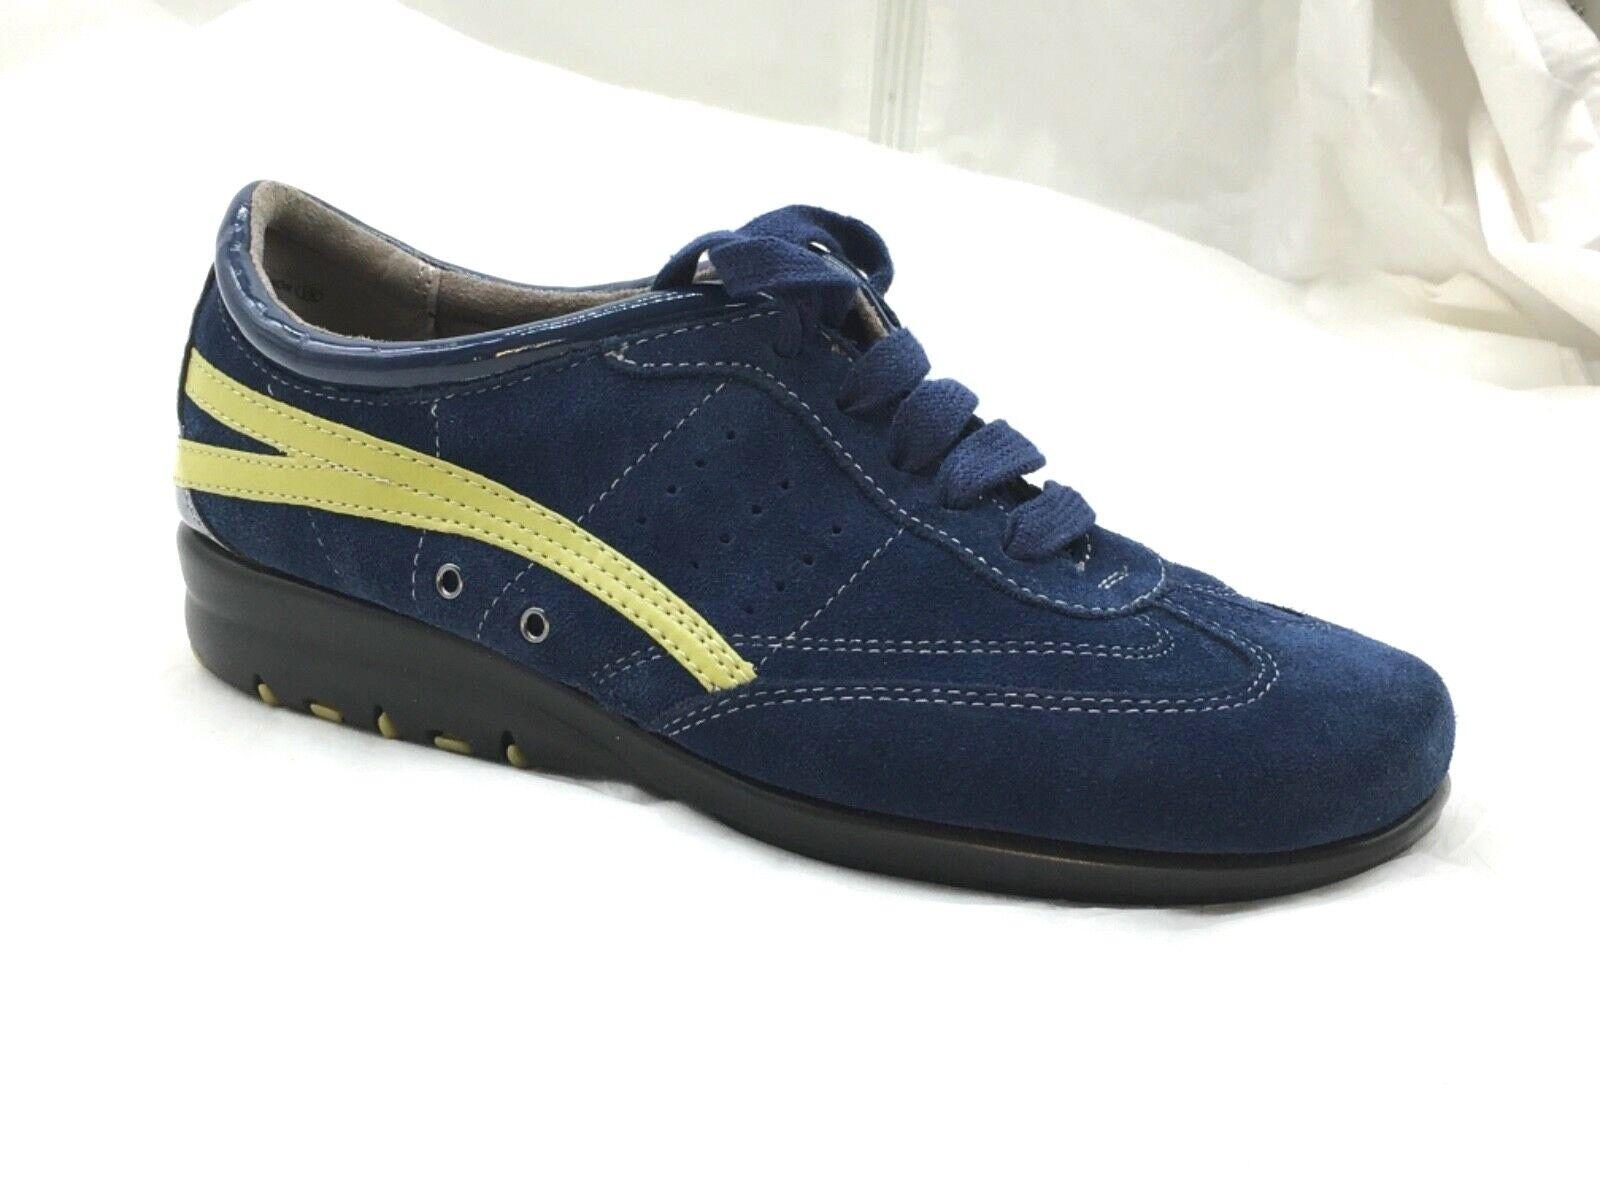 Aerosoles womens ladies bluee 9.5 suede tennis walking running shoes Stitchnturn